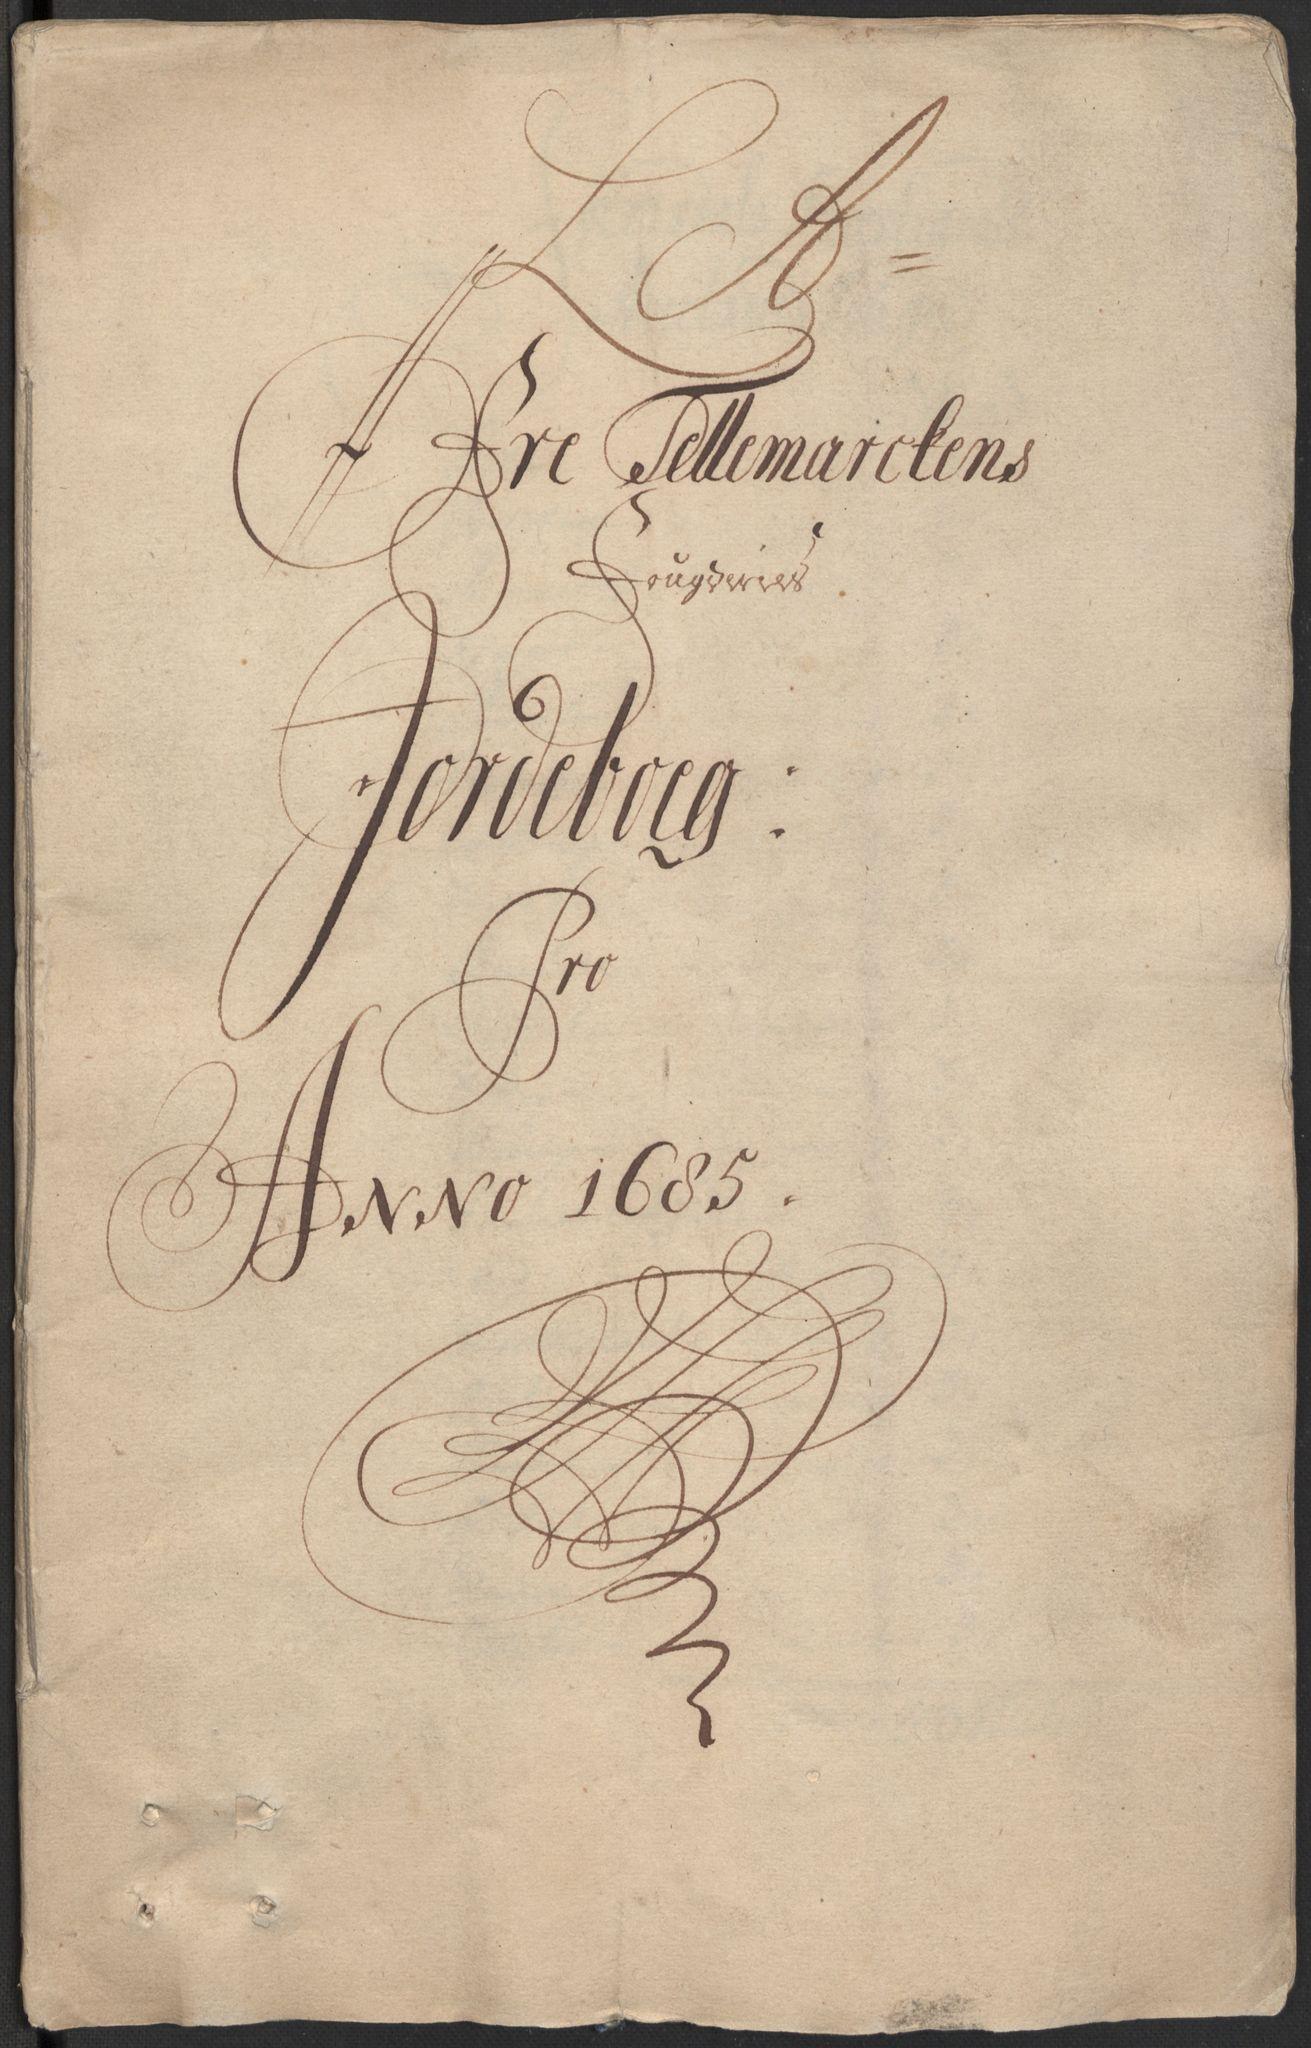 RA, Rentekammeret inntil 1814, Reviderte regnskaper, Fogderegnskap, R35/L2082: Fogderegnskap Øvre og Nedre Telemark, 1685, s. 9